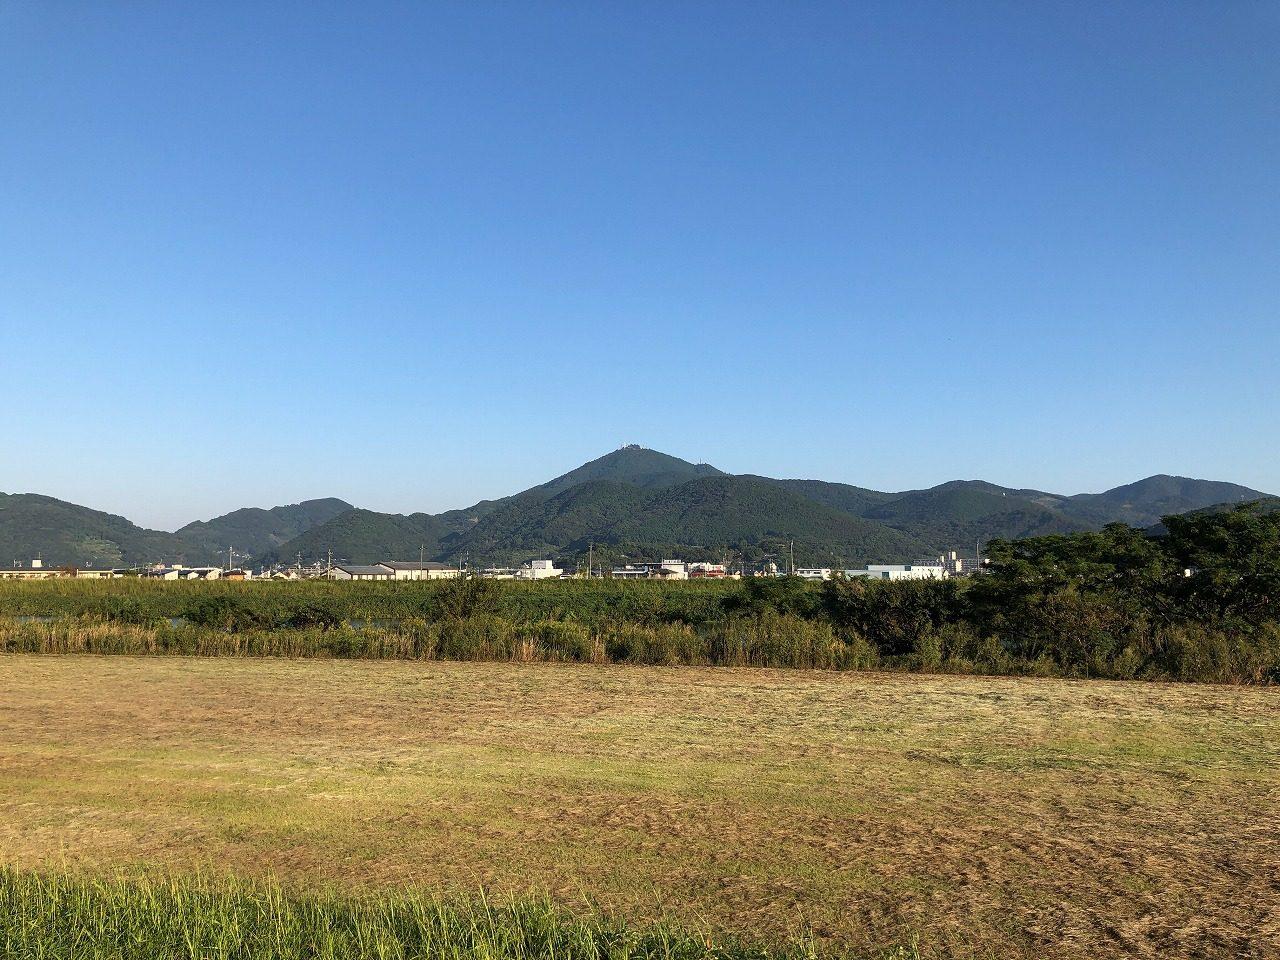 2019.10.10今朝の金峰山です!